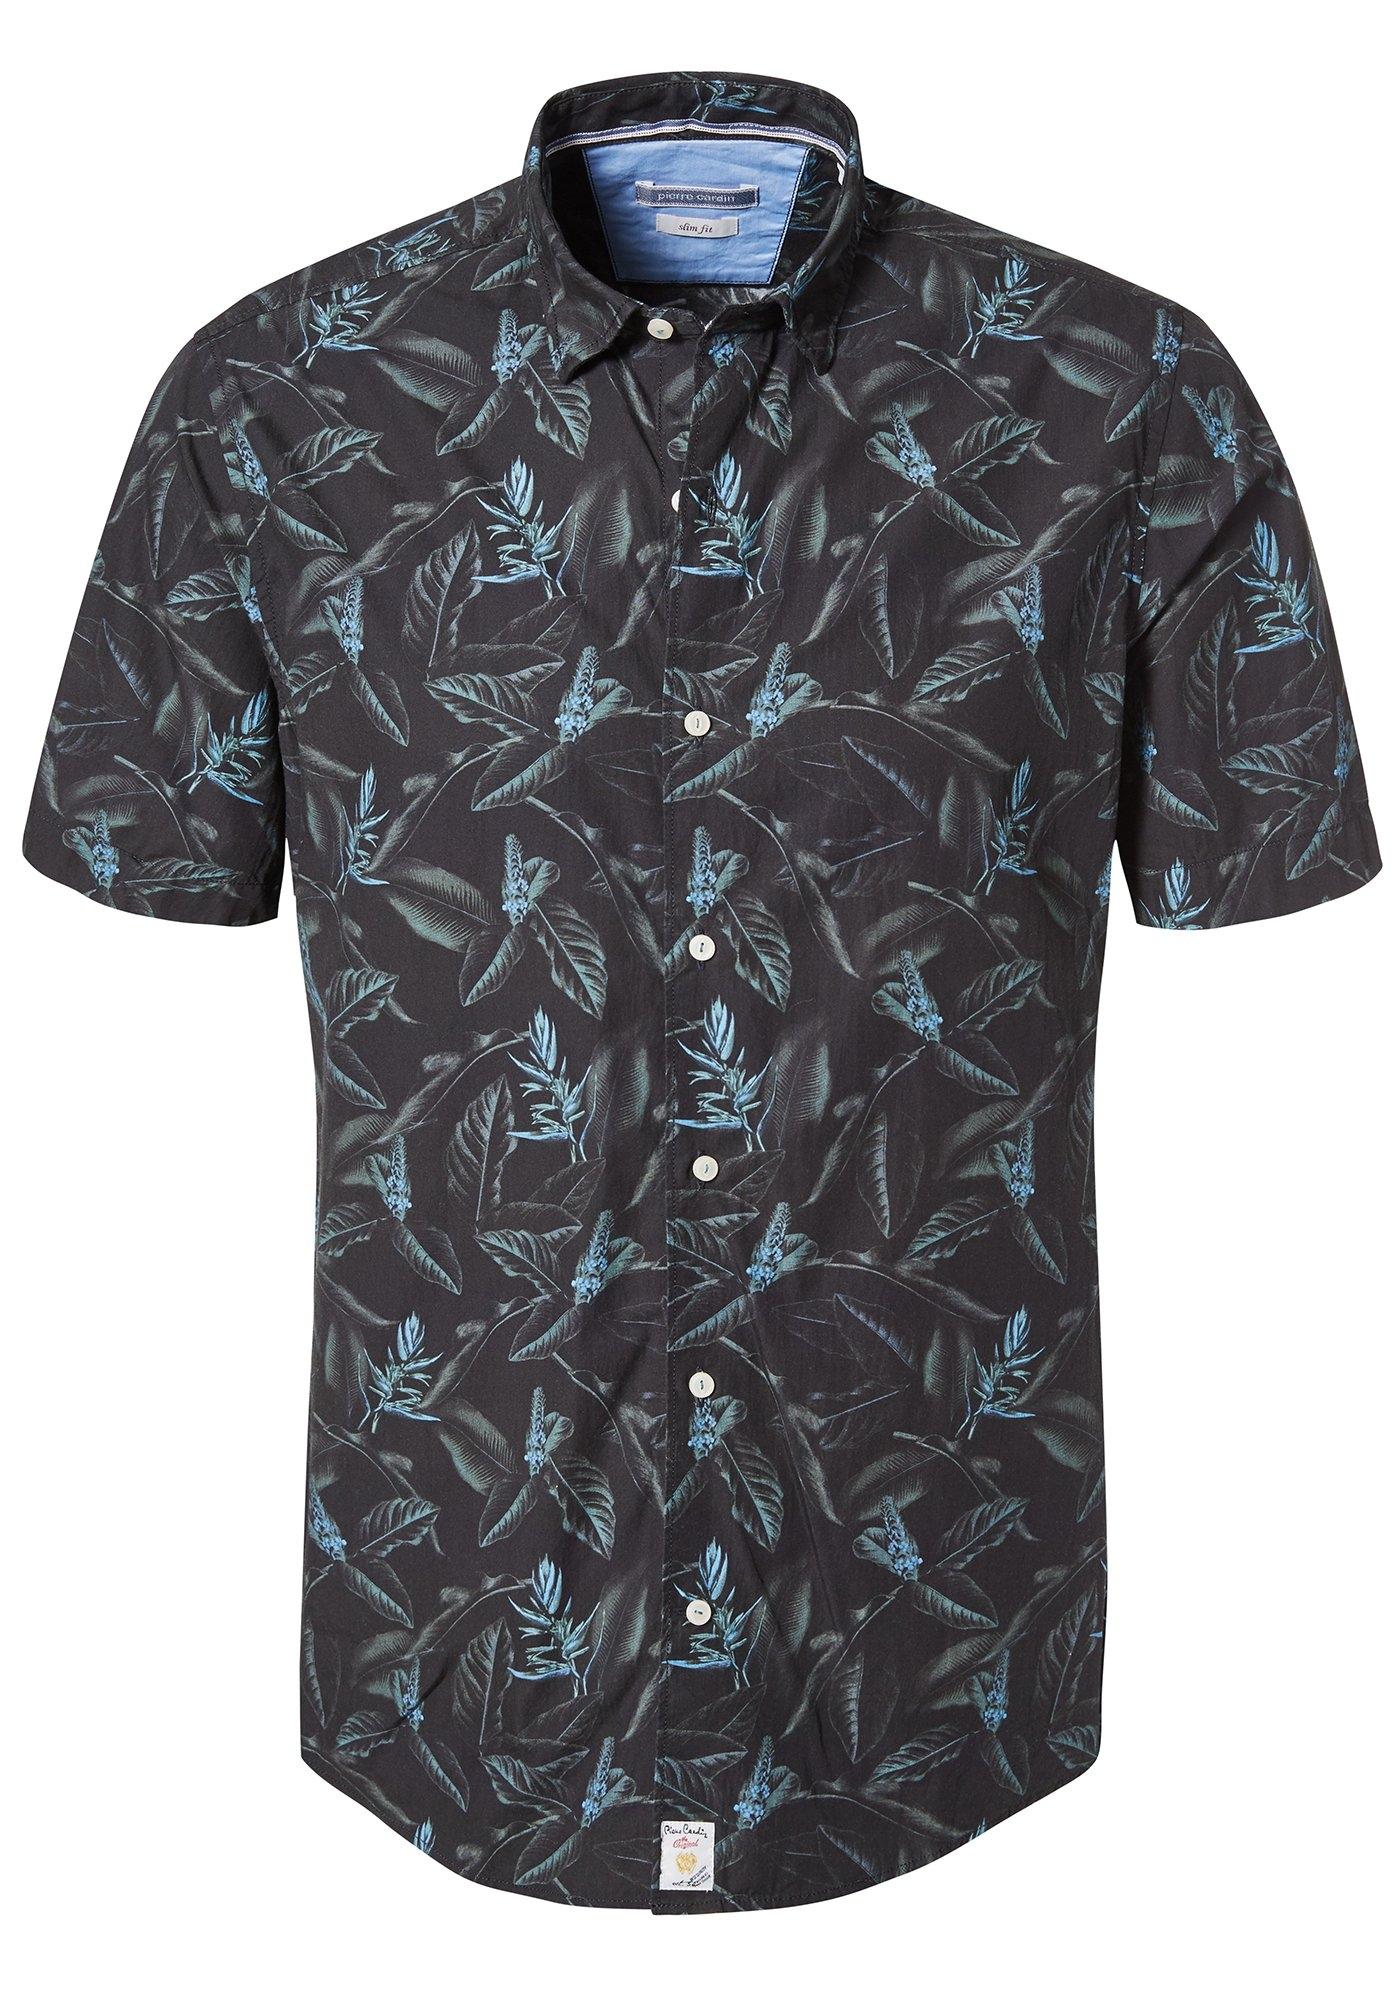 Pierre Cardin Overhemd met tropische print - modern fit nu online kopen bij OTTO